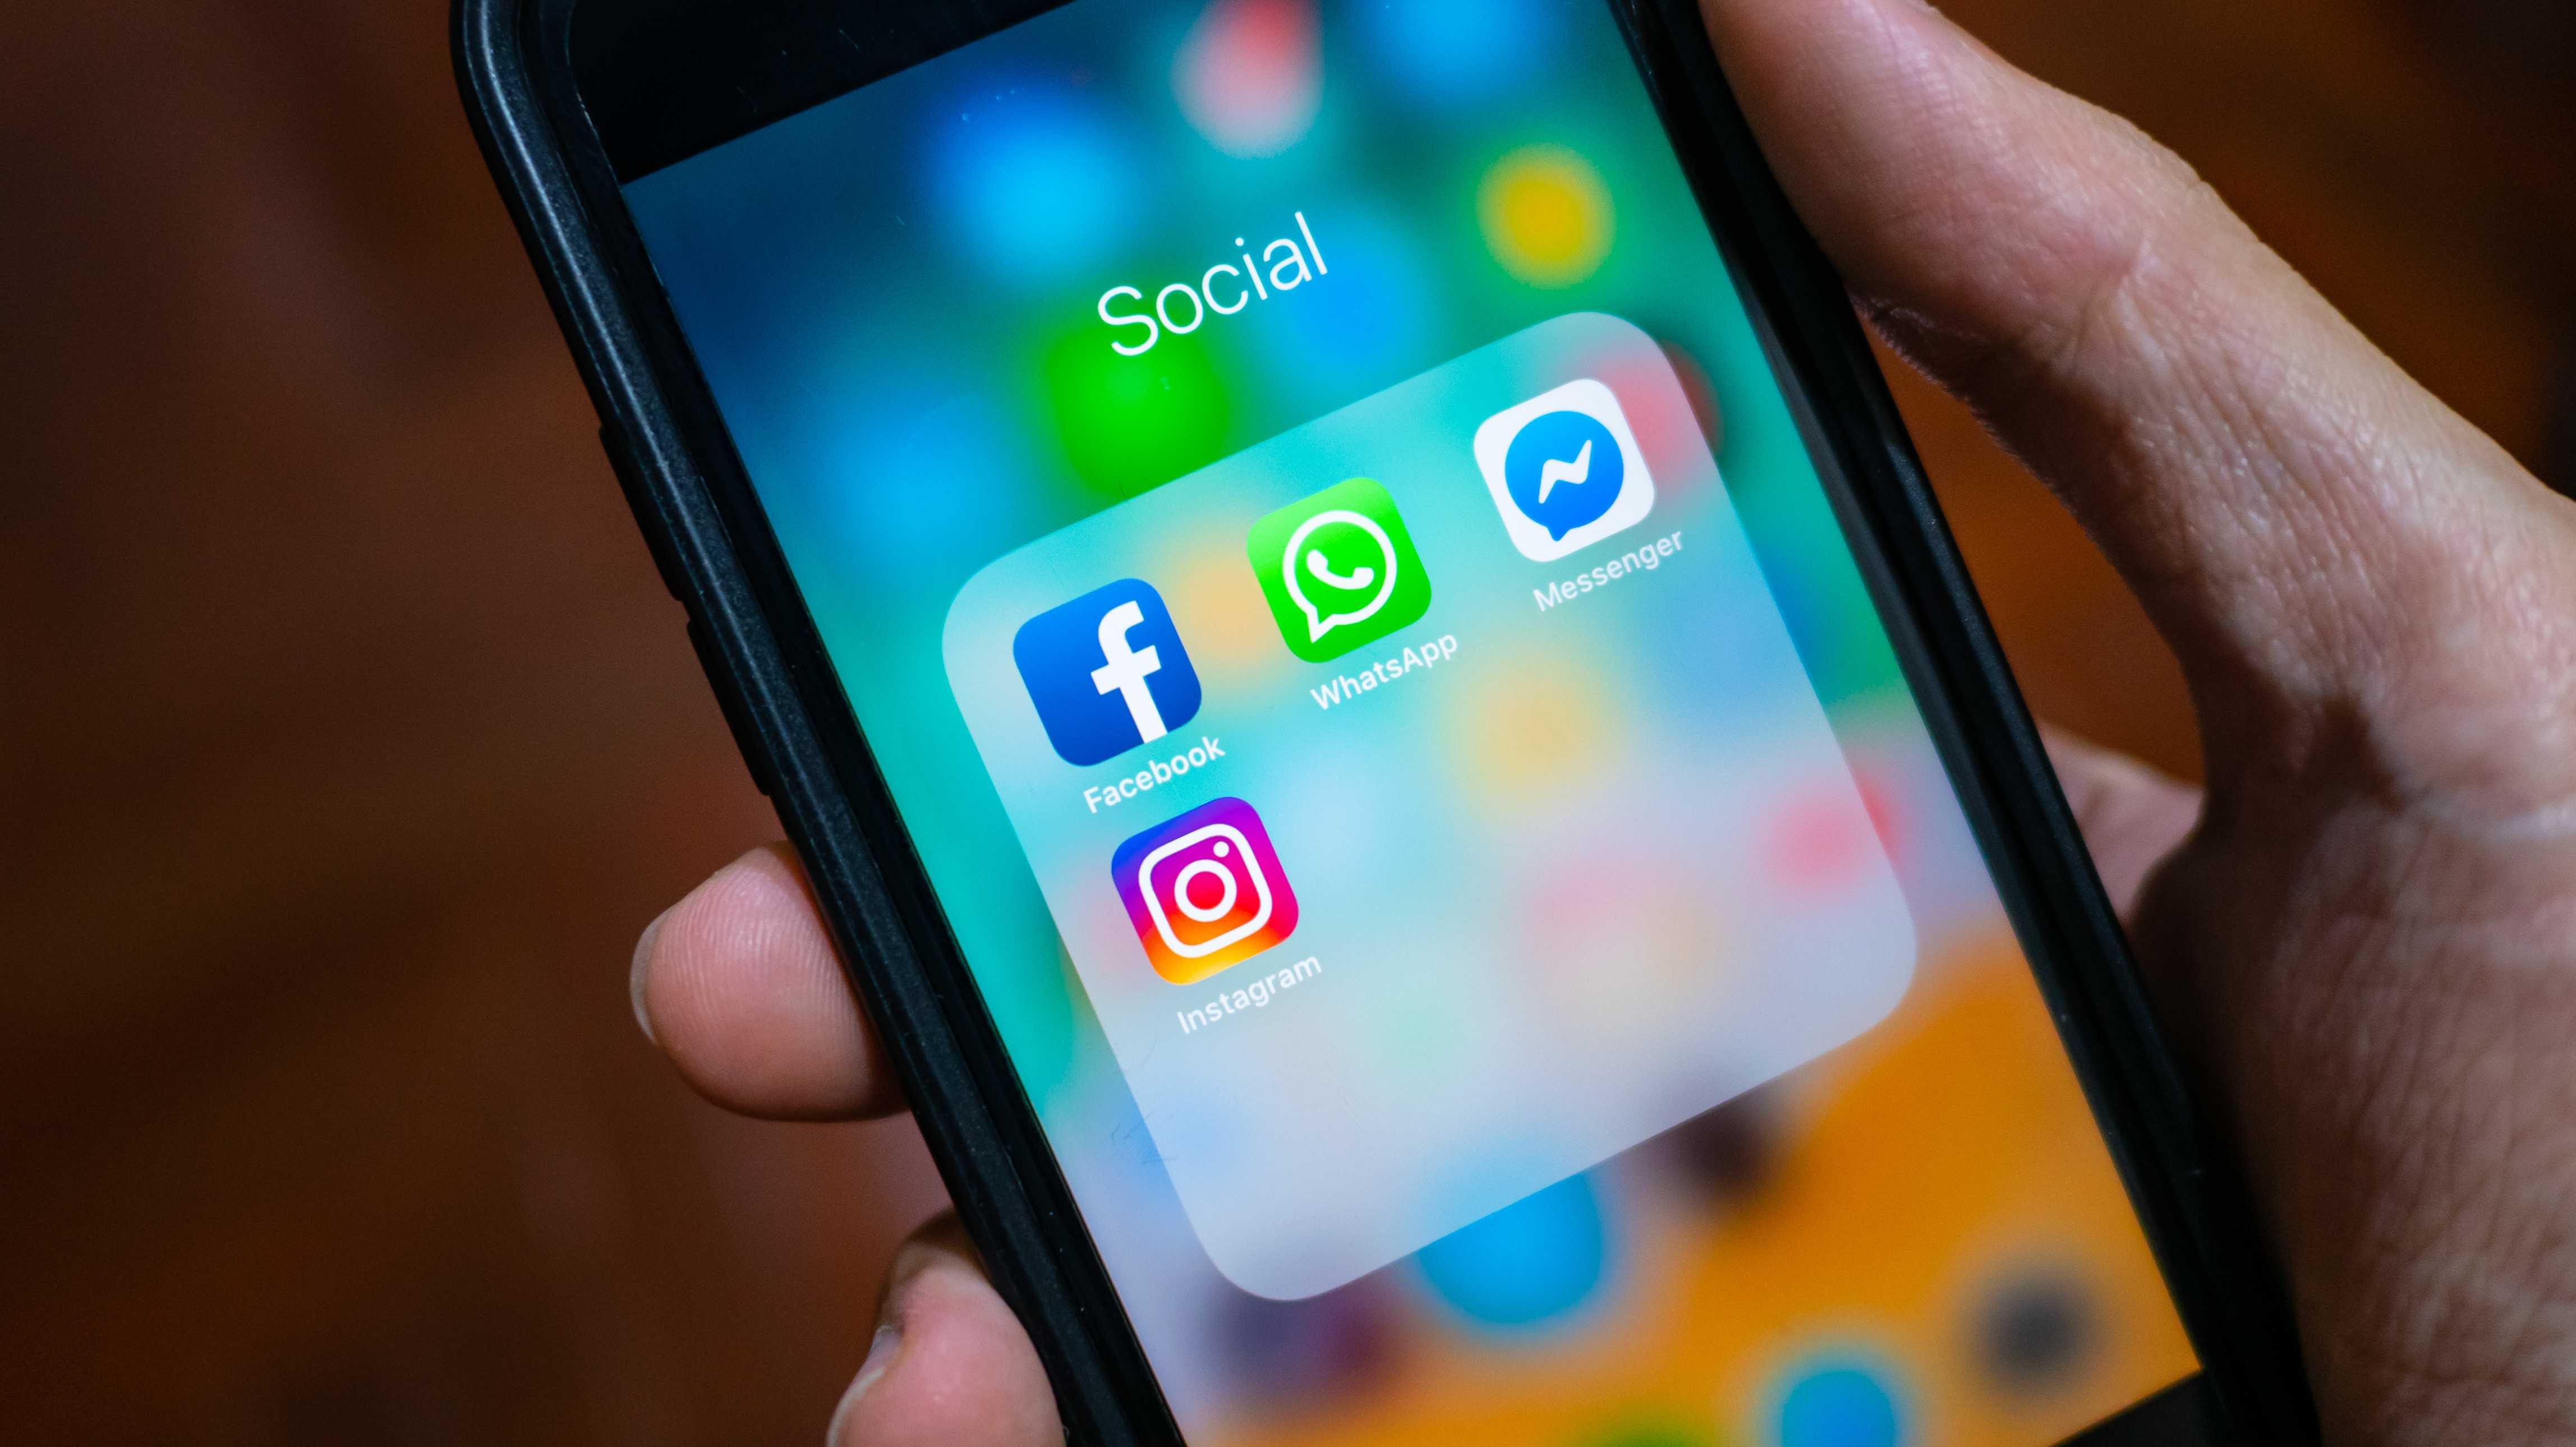 Sammelklage gegen Apple wegen verschwiegener iPhone-Schwäche